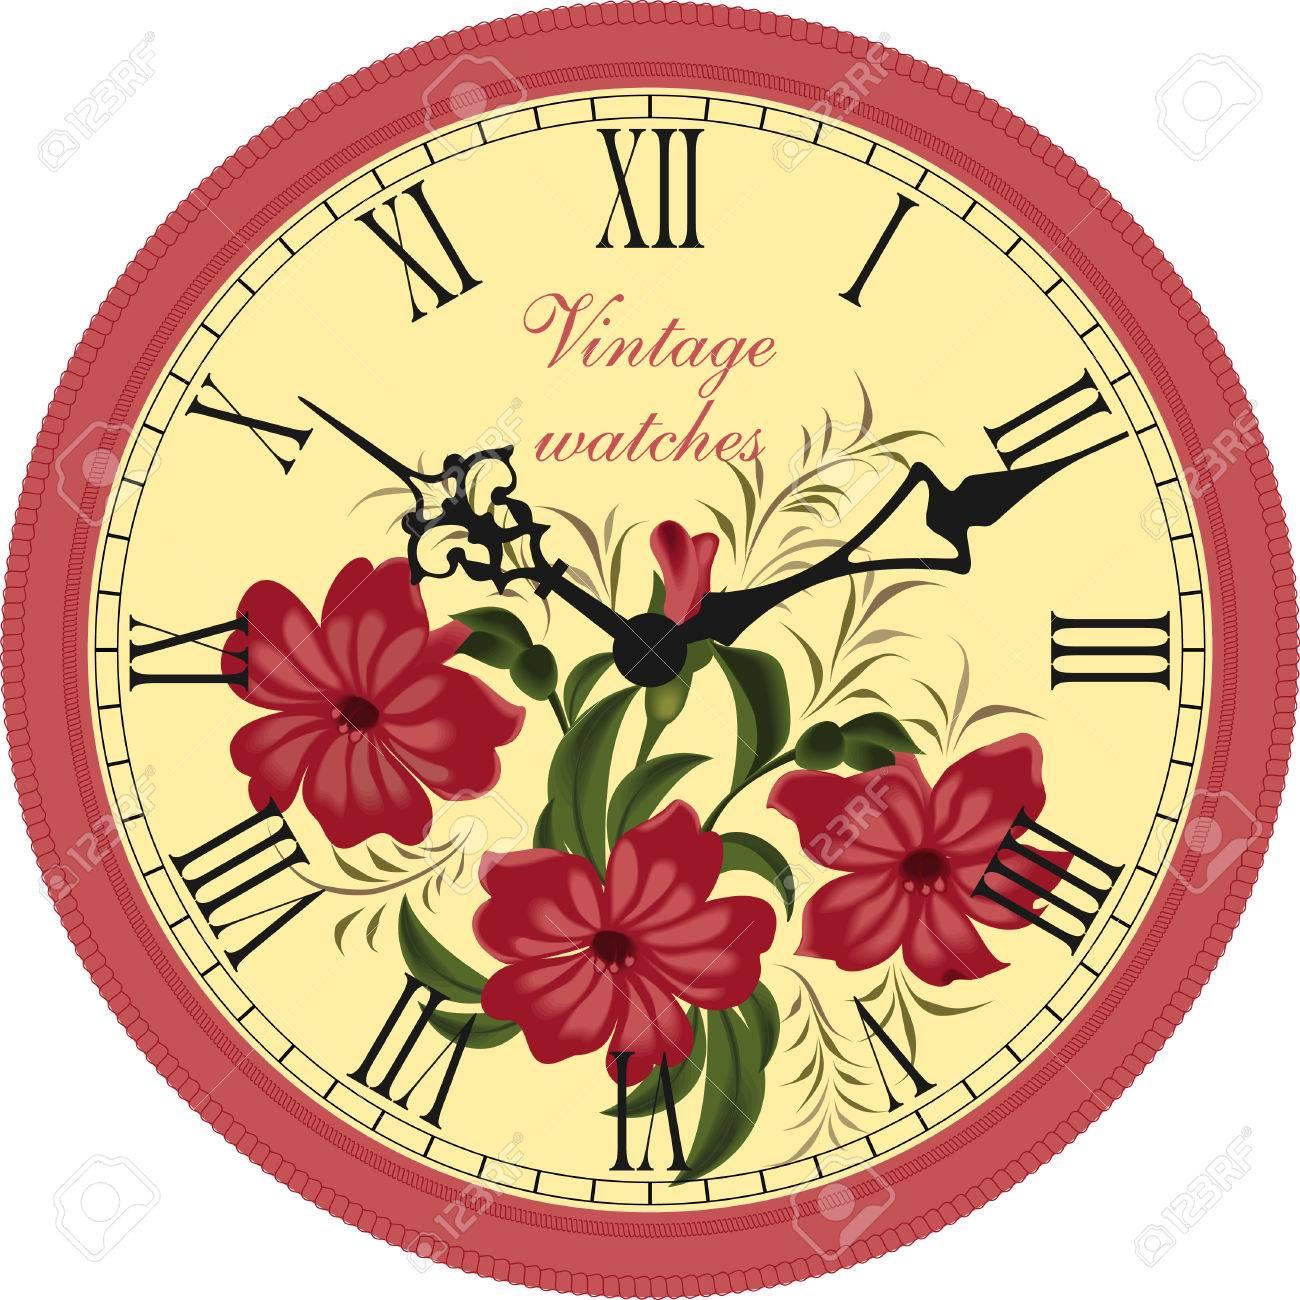 Alte Uhr Vektor - Download Kostenlos Vector, Clipart Graphics,  Vektorgrafiken und Design Vorlagen